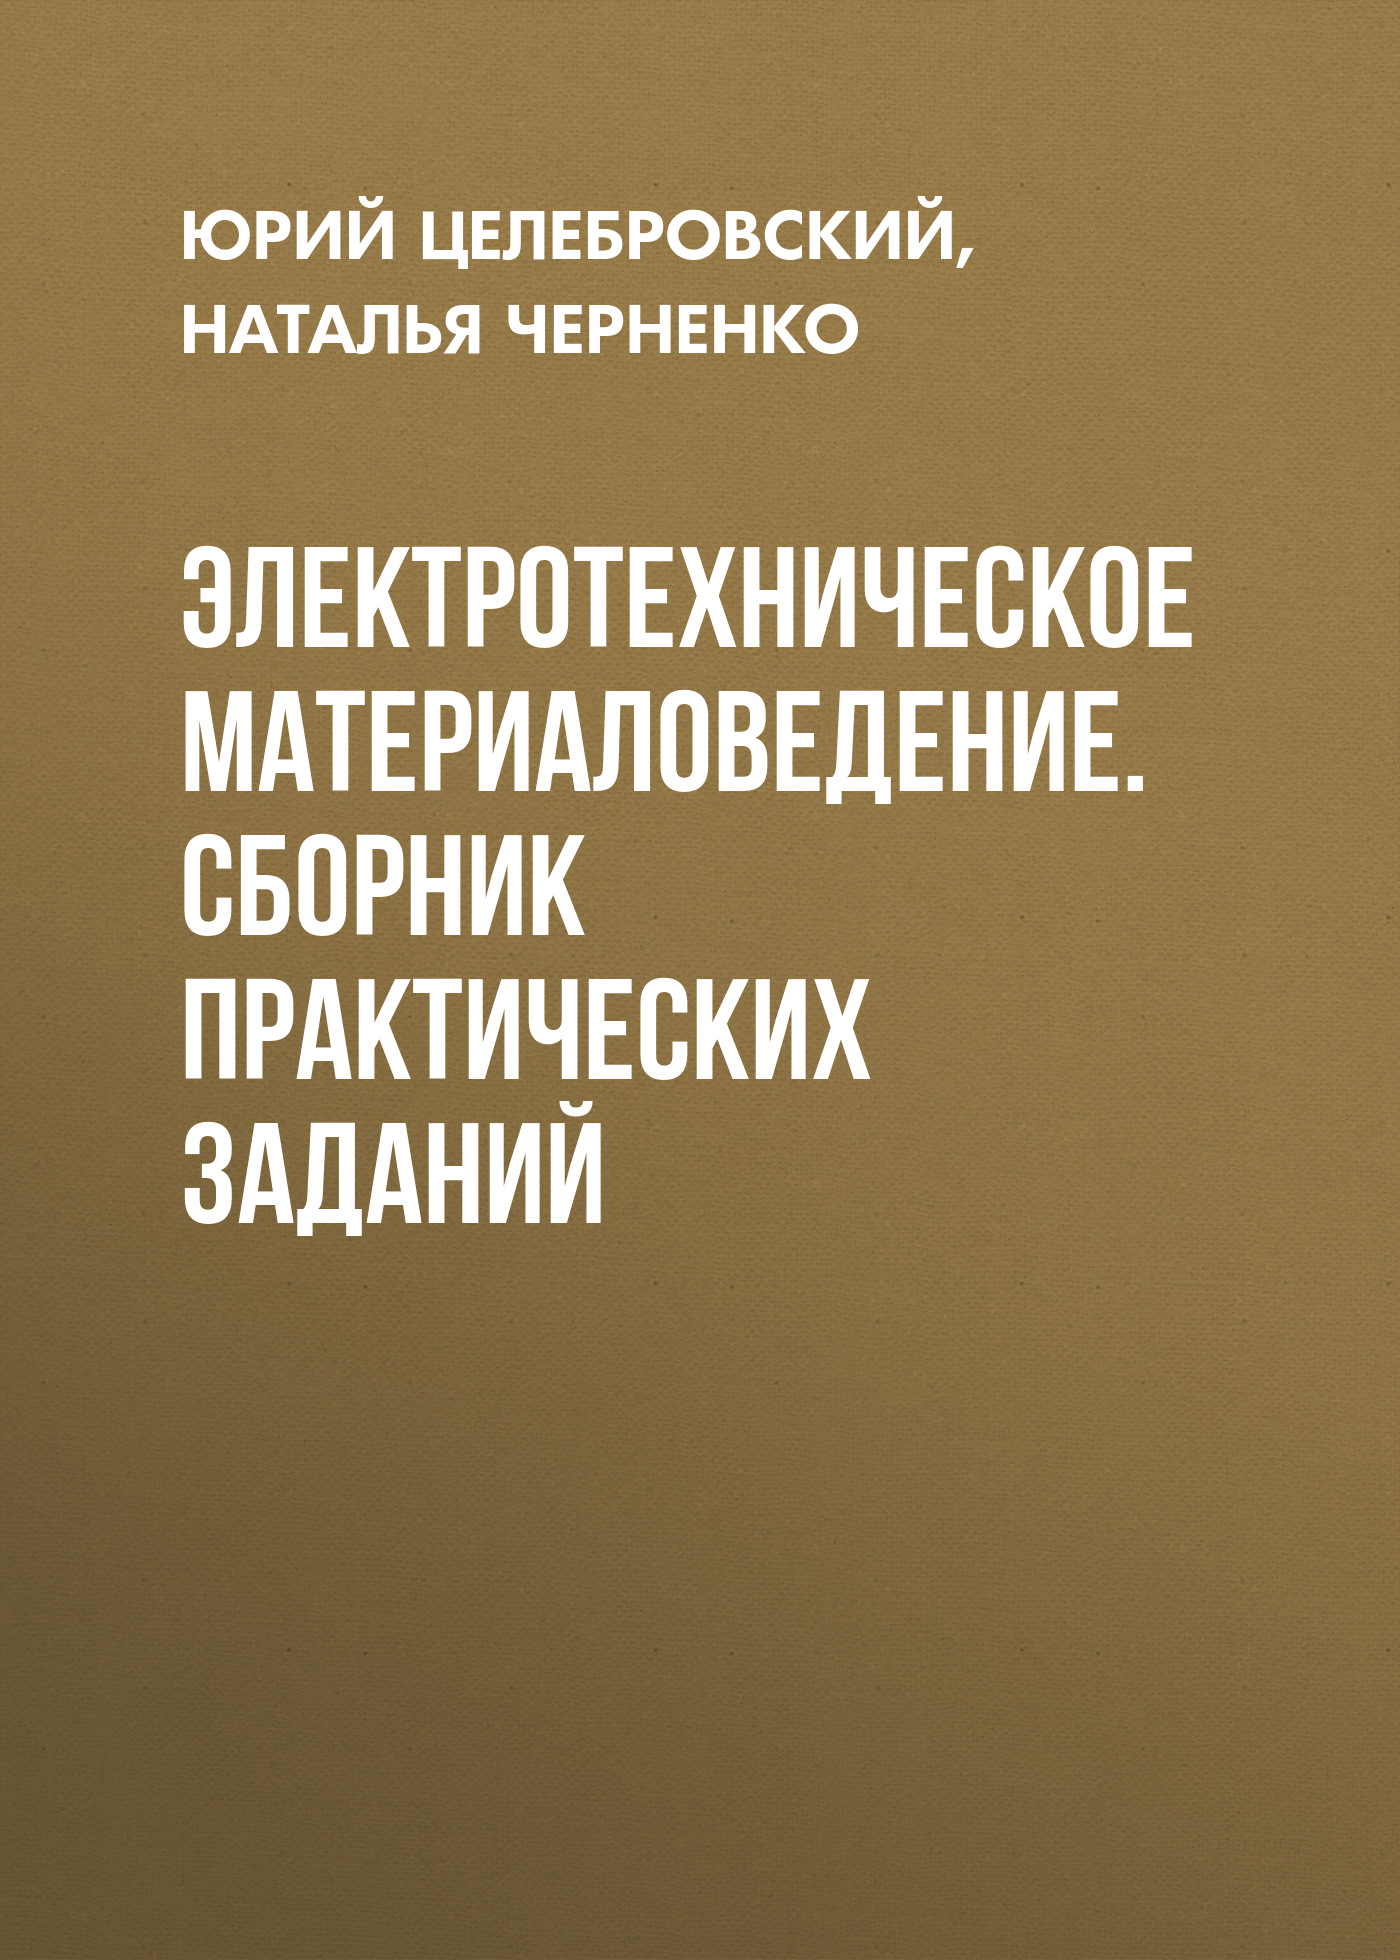 Юрий Целебровский Электротехническое материаловедение. Сборник практических заданий дудкин а ким в электротехническое материаловедение